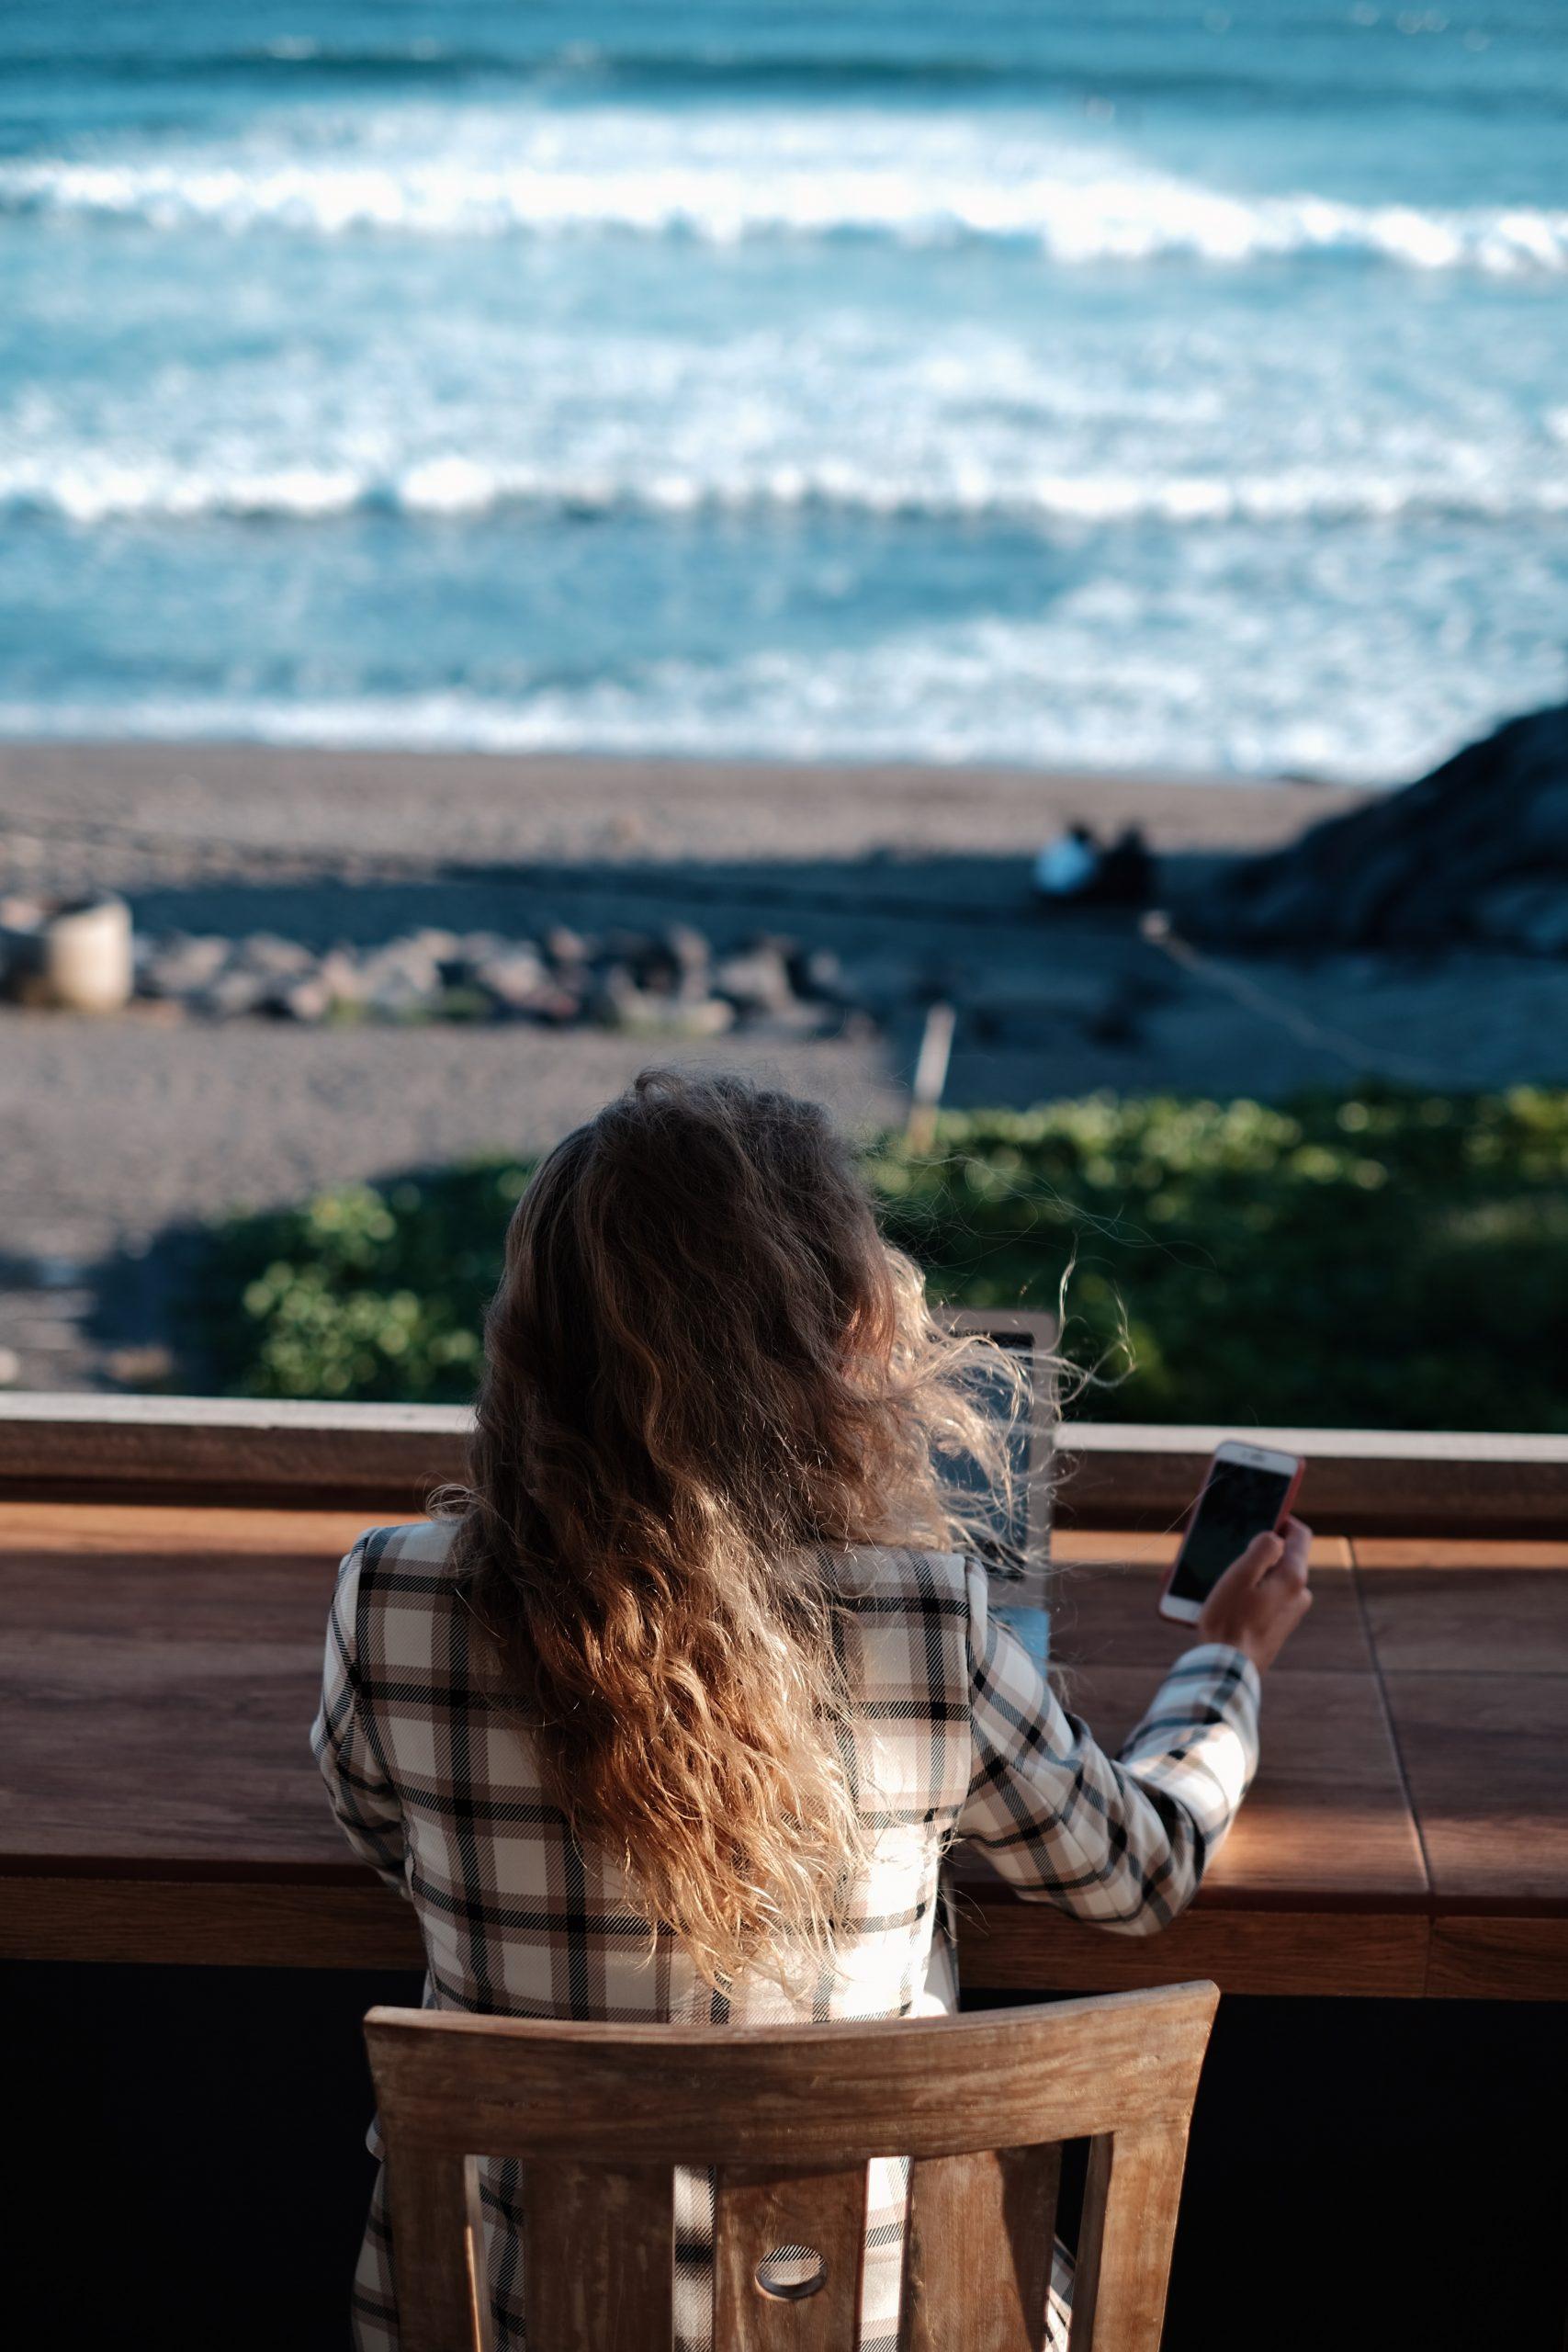 Eine Frau arbeitet mit Blick auf einen Strand